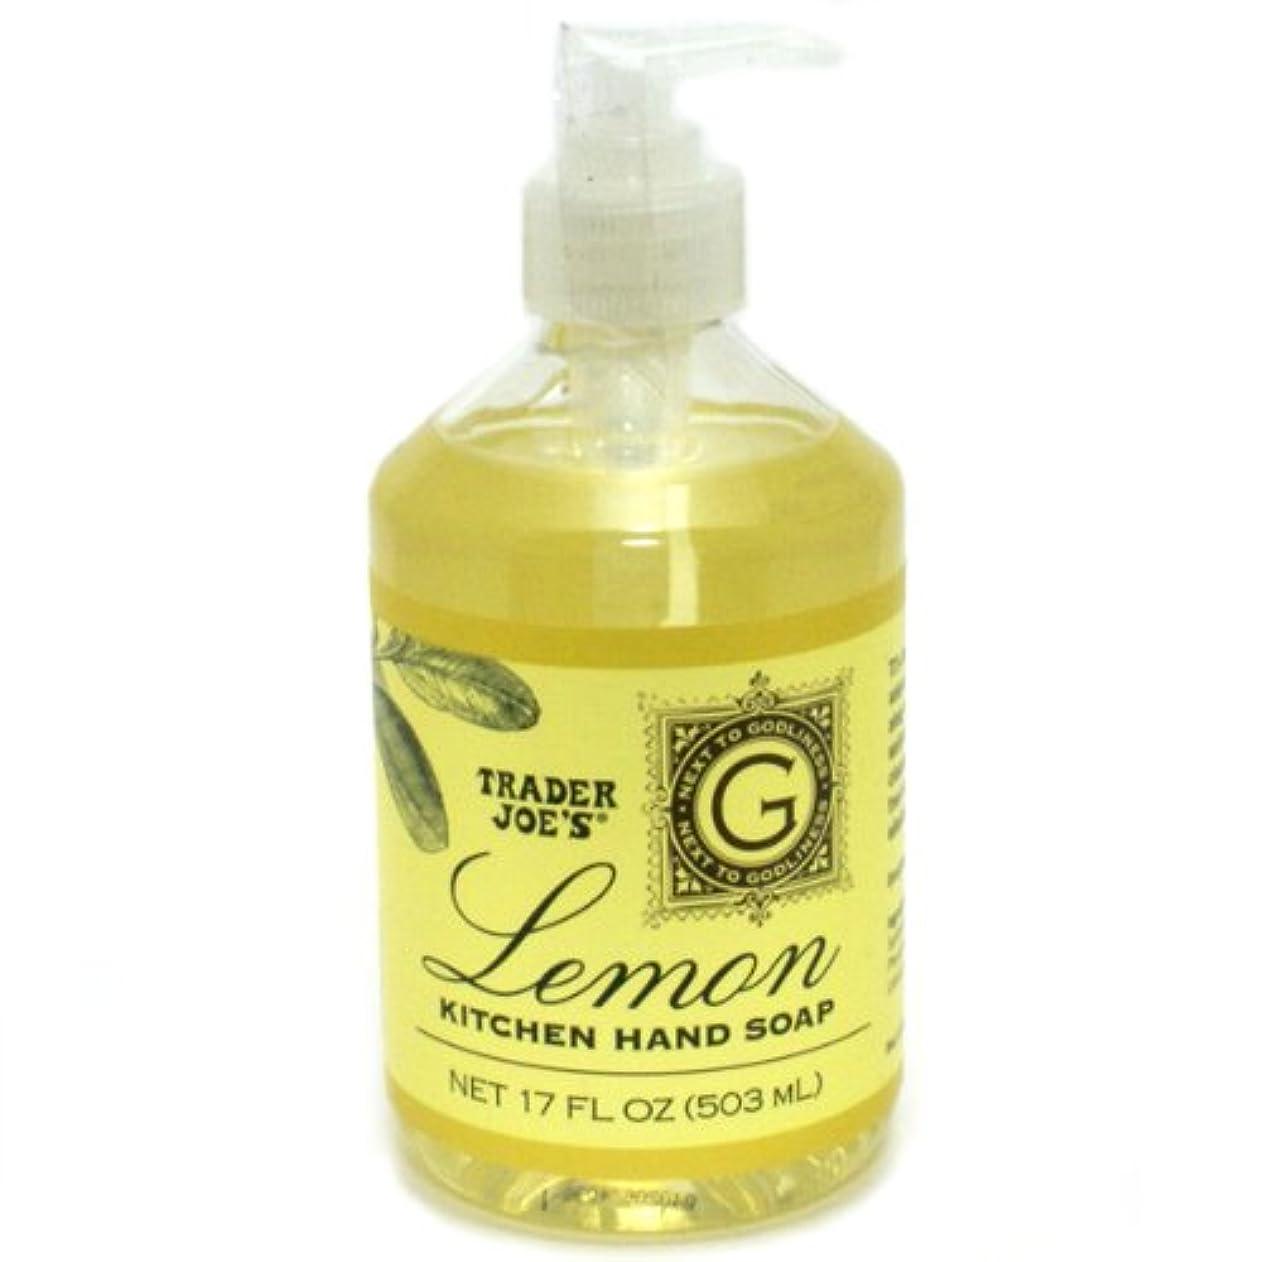 祈り北東リテラシーTrader Joe's トレーダージョーズ KITCHEN HAND SOAP Lemon レモン キッチンハンドソープ [並行輸入品]